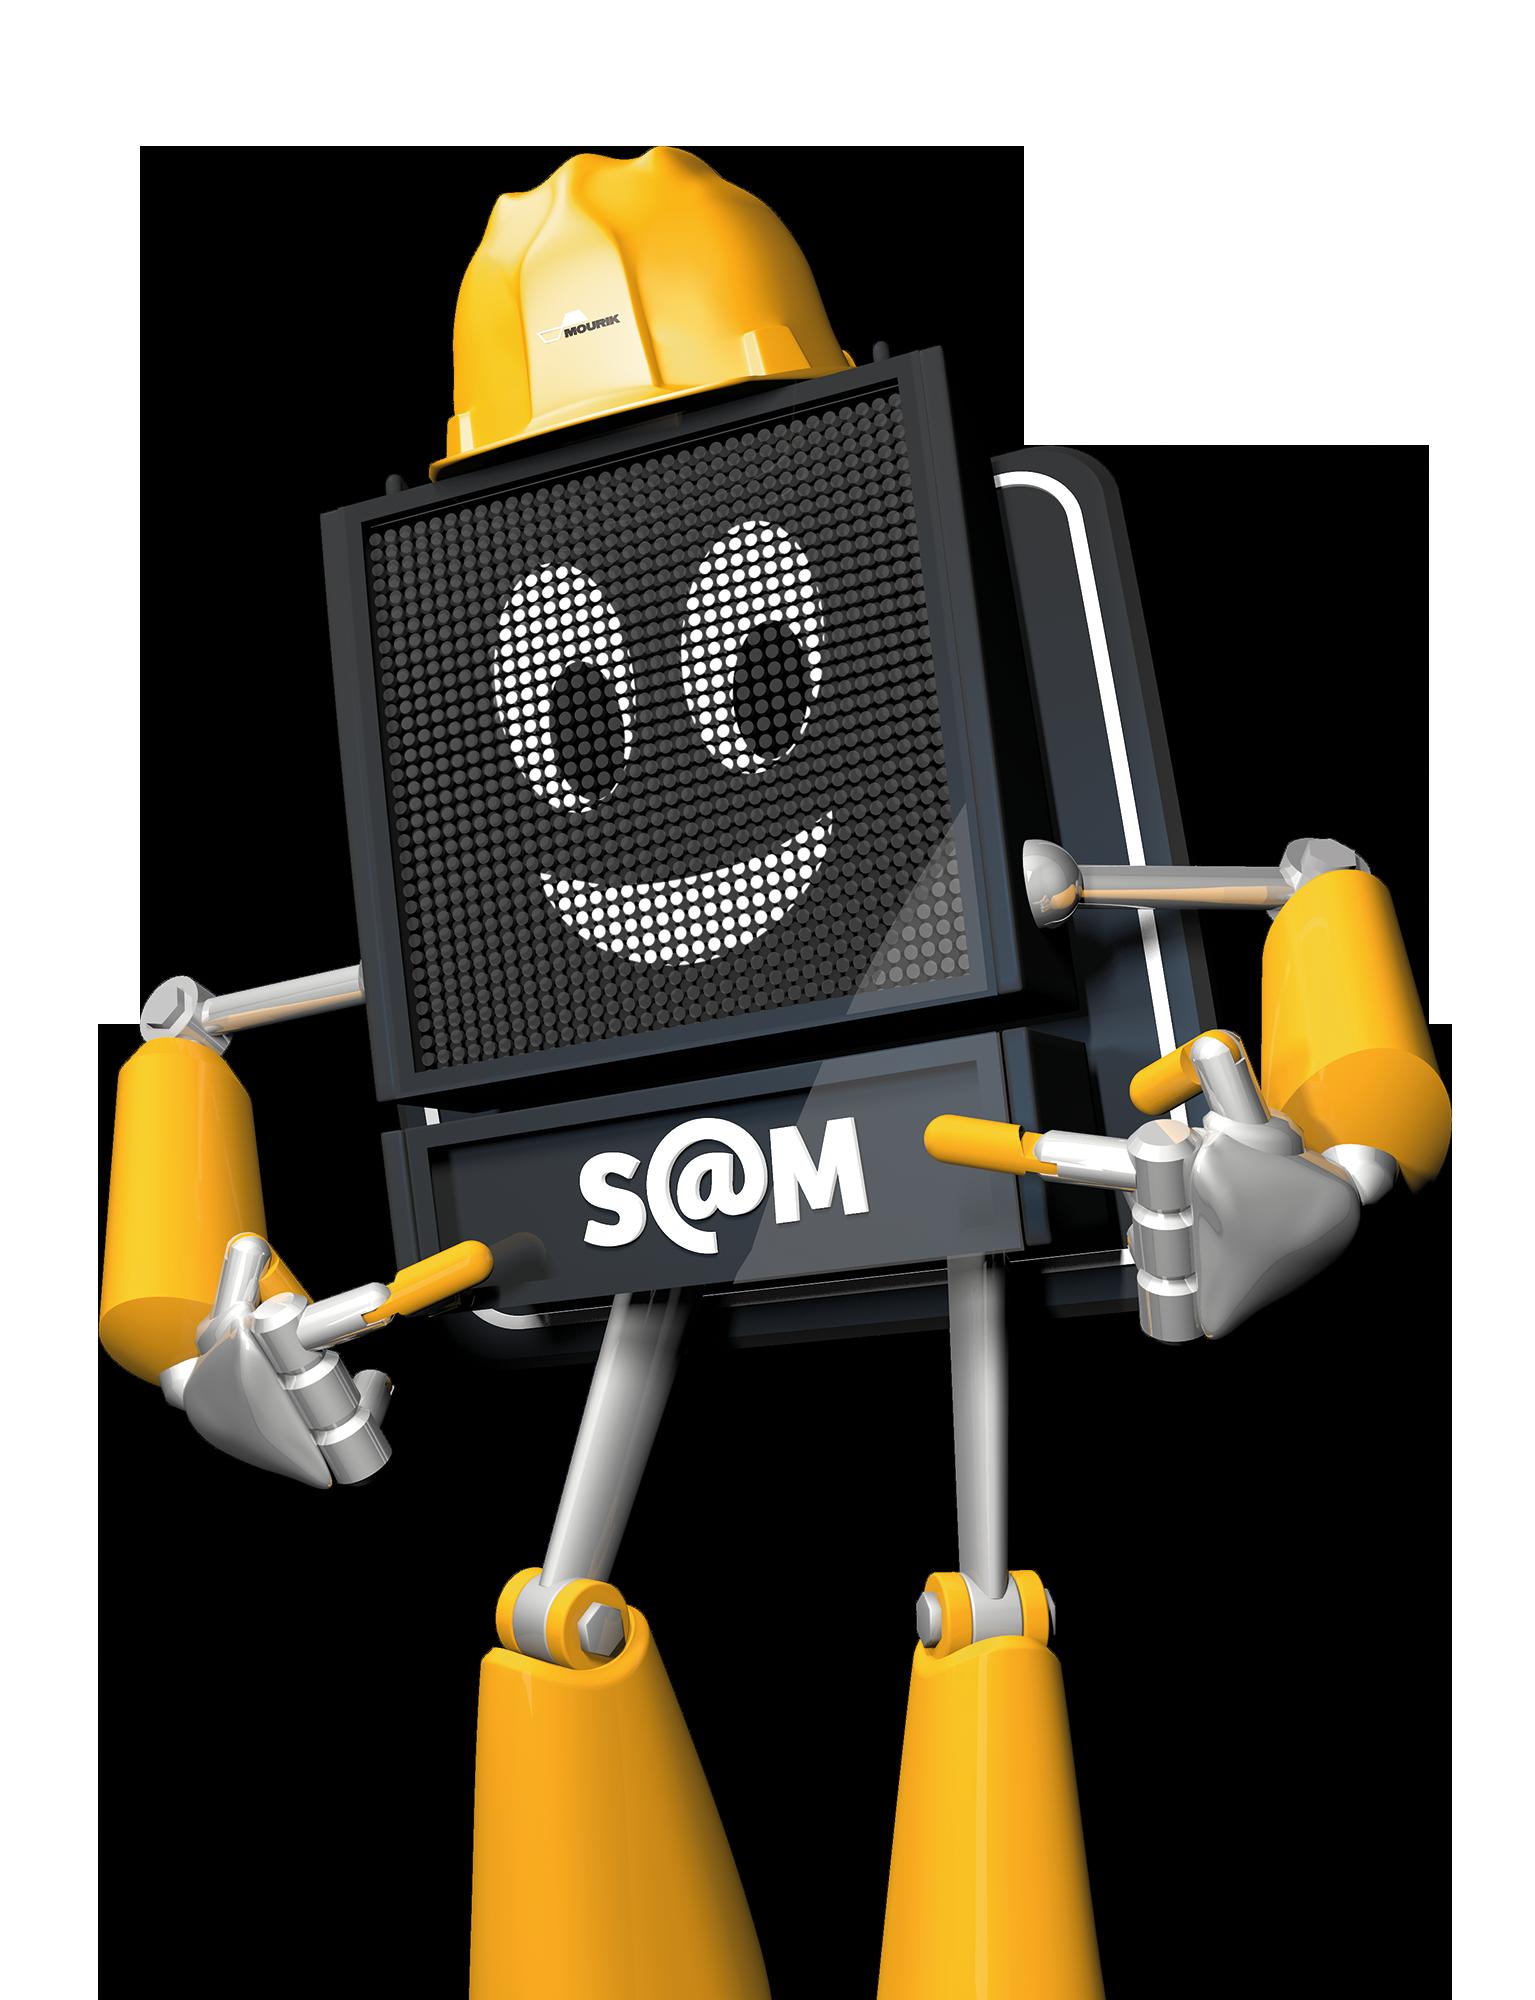 S@M 3D karakter ontwerp